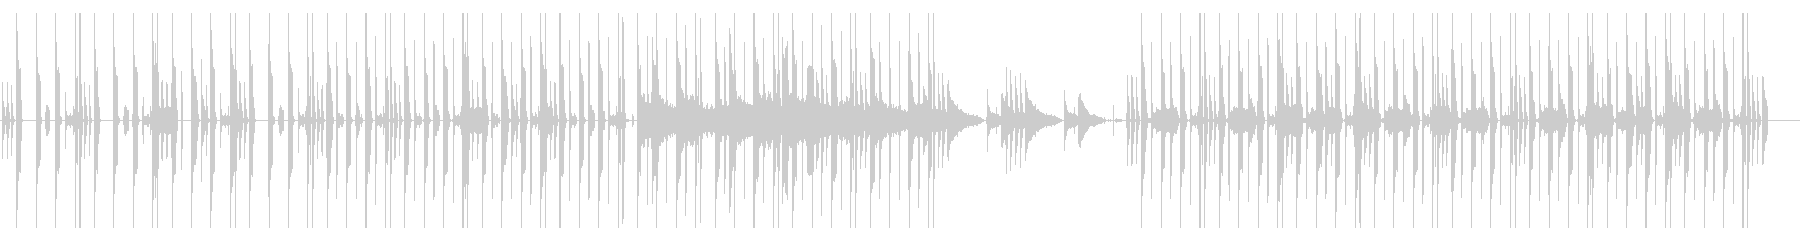 ゆっくりめのLo-fiHOP系の未再生の波形